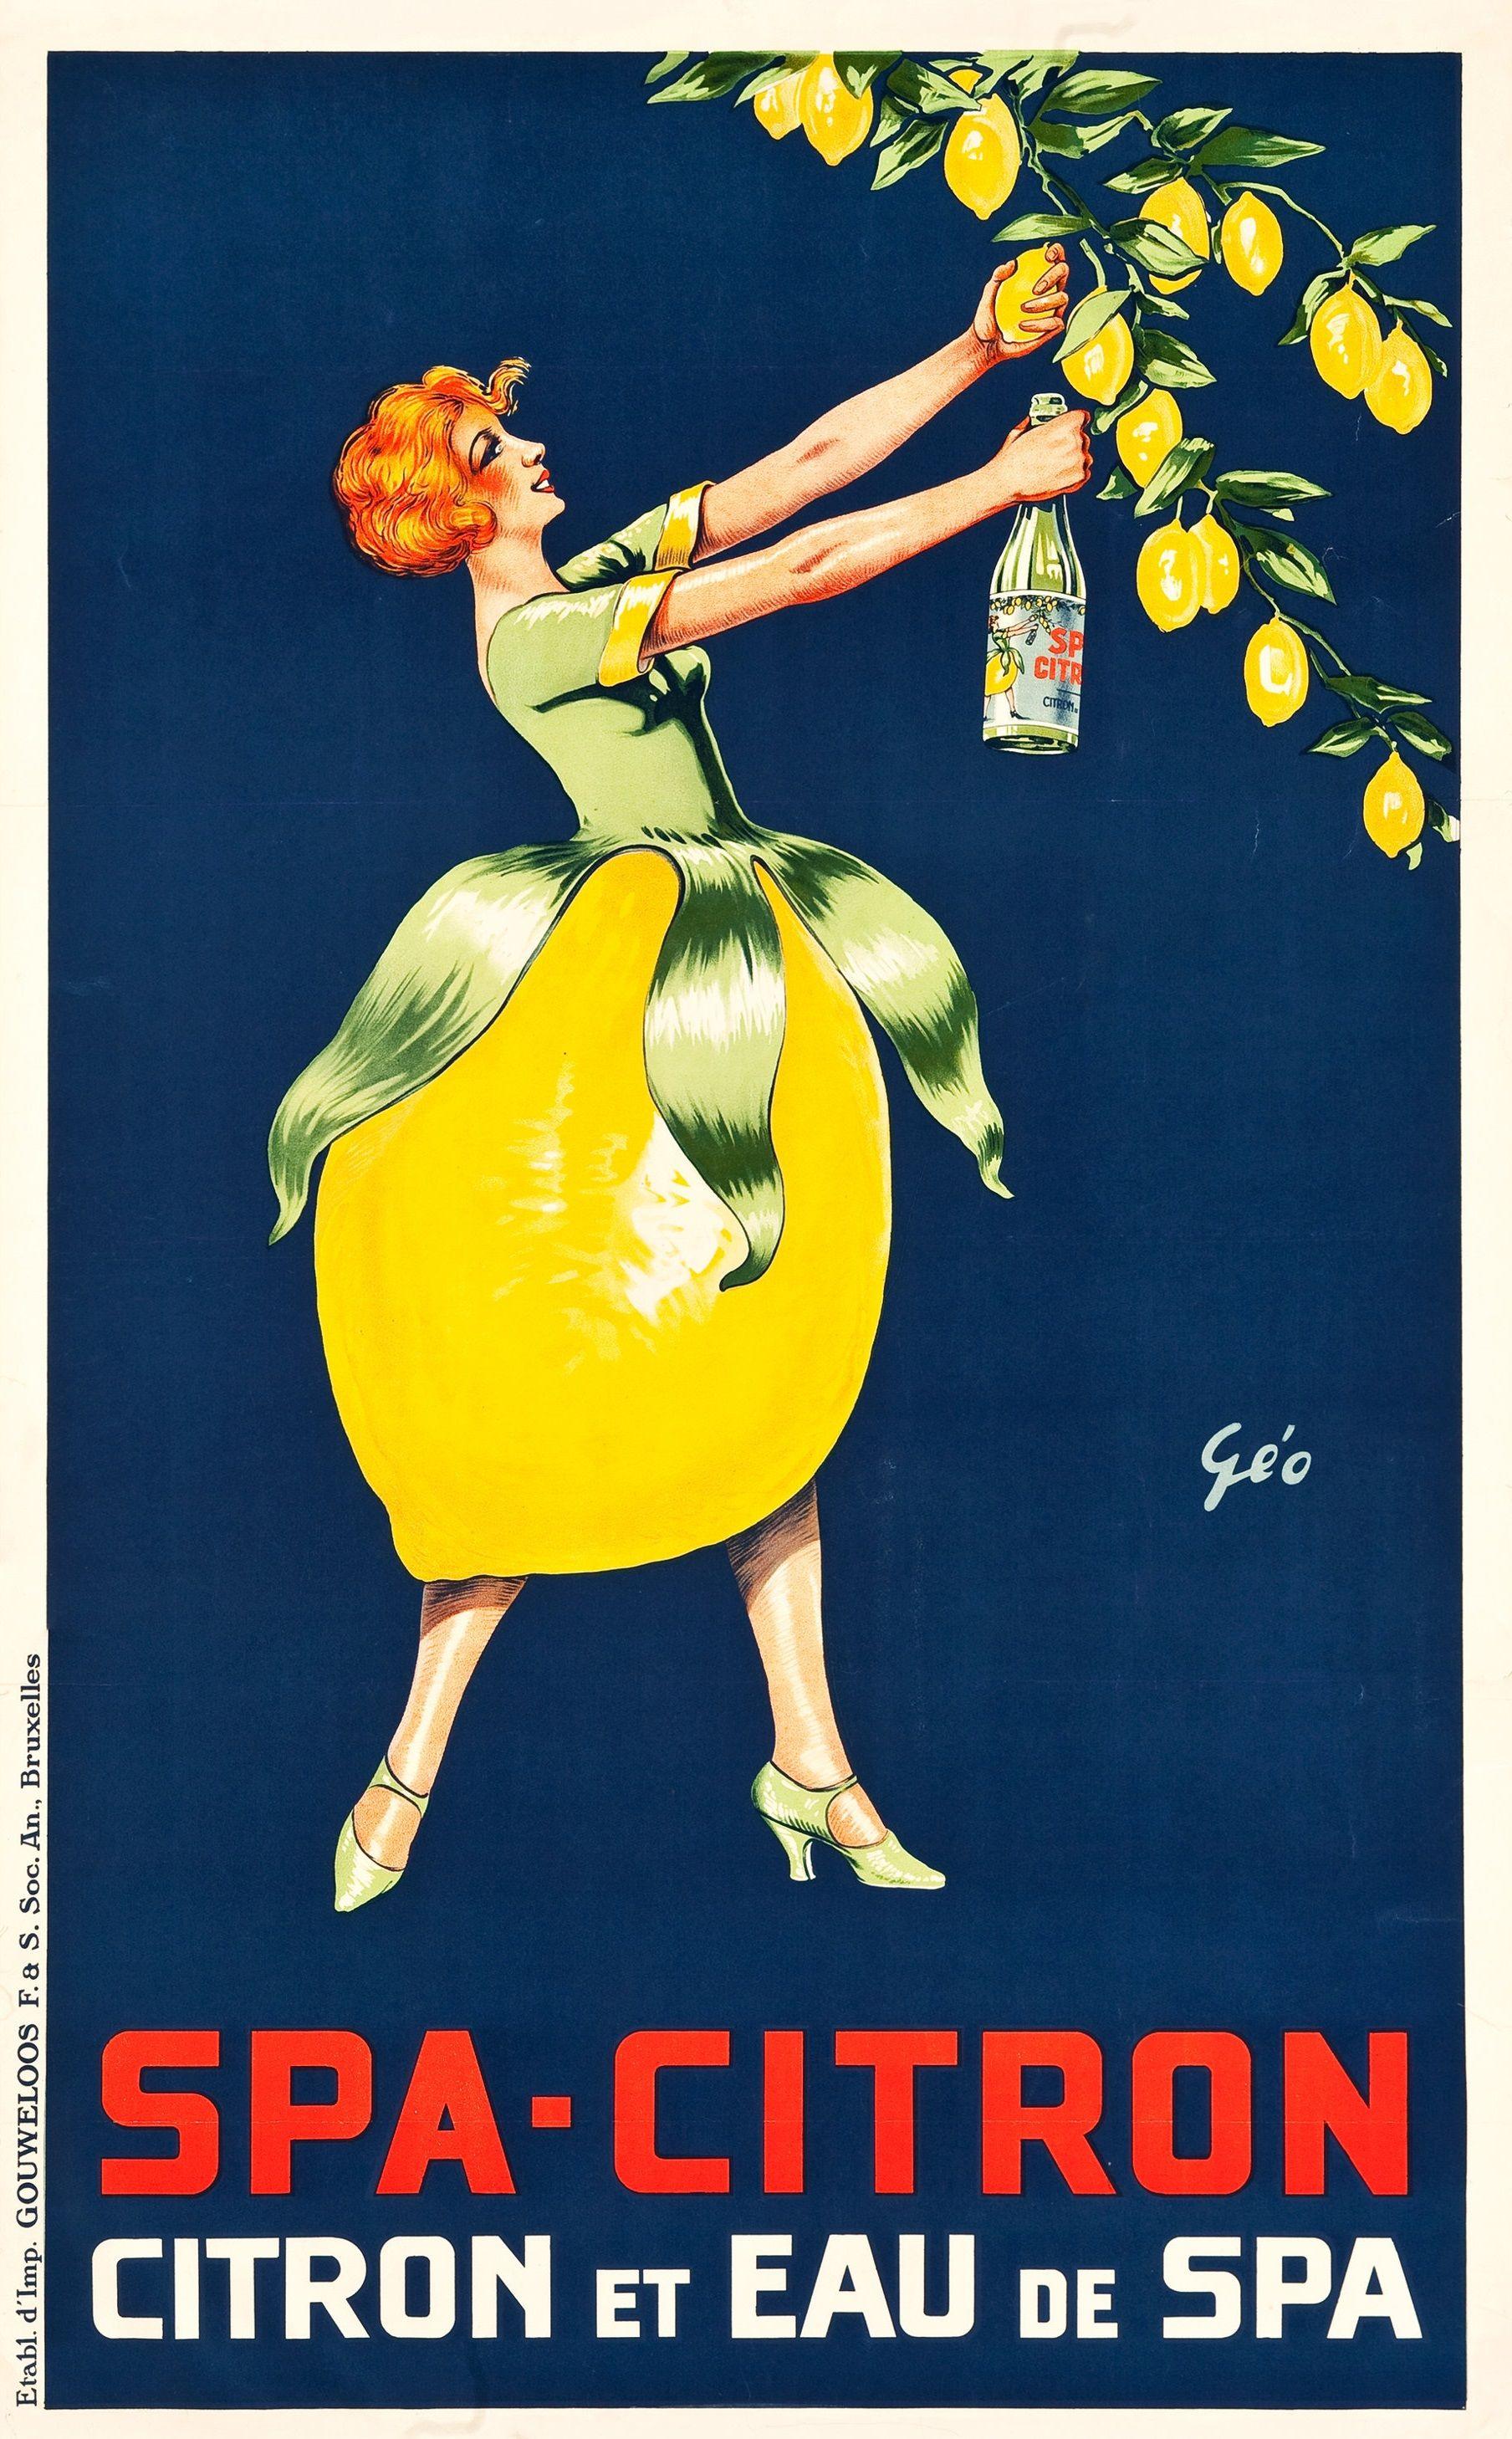 Spa-Citron - Belgian advertising poster (c.1925) # ...